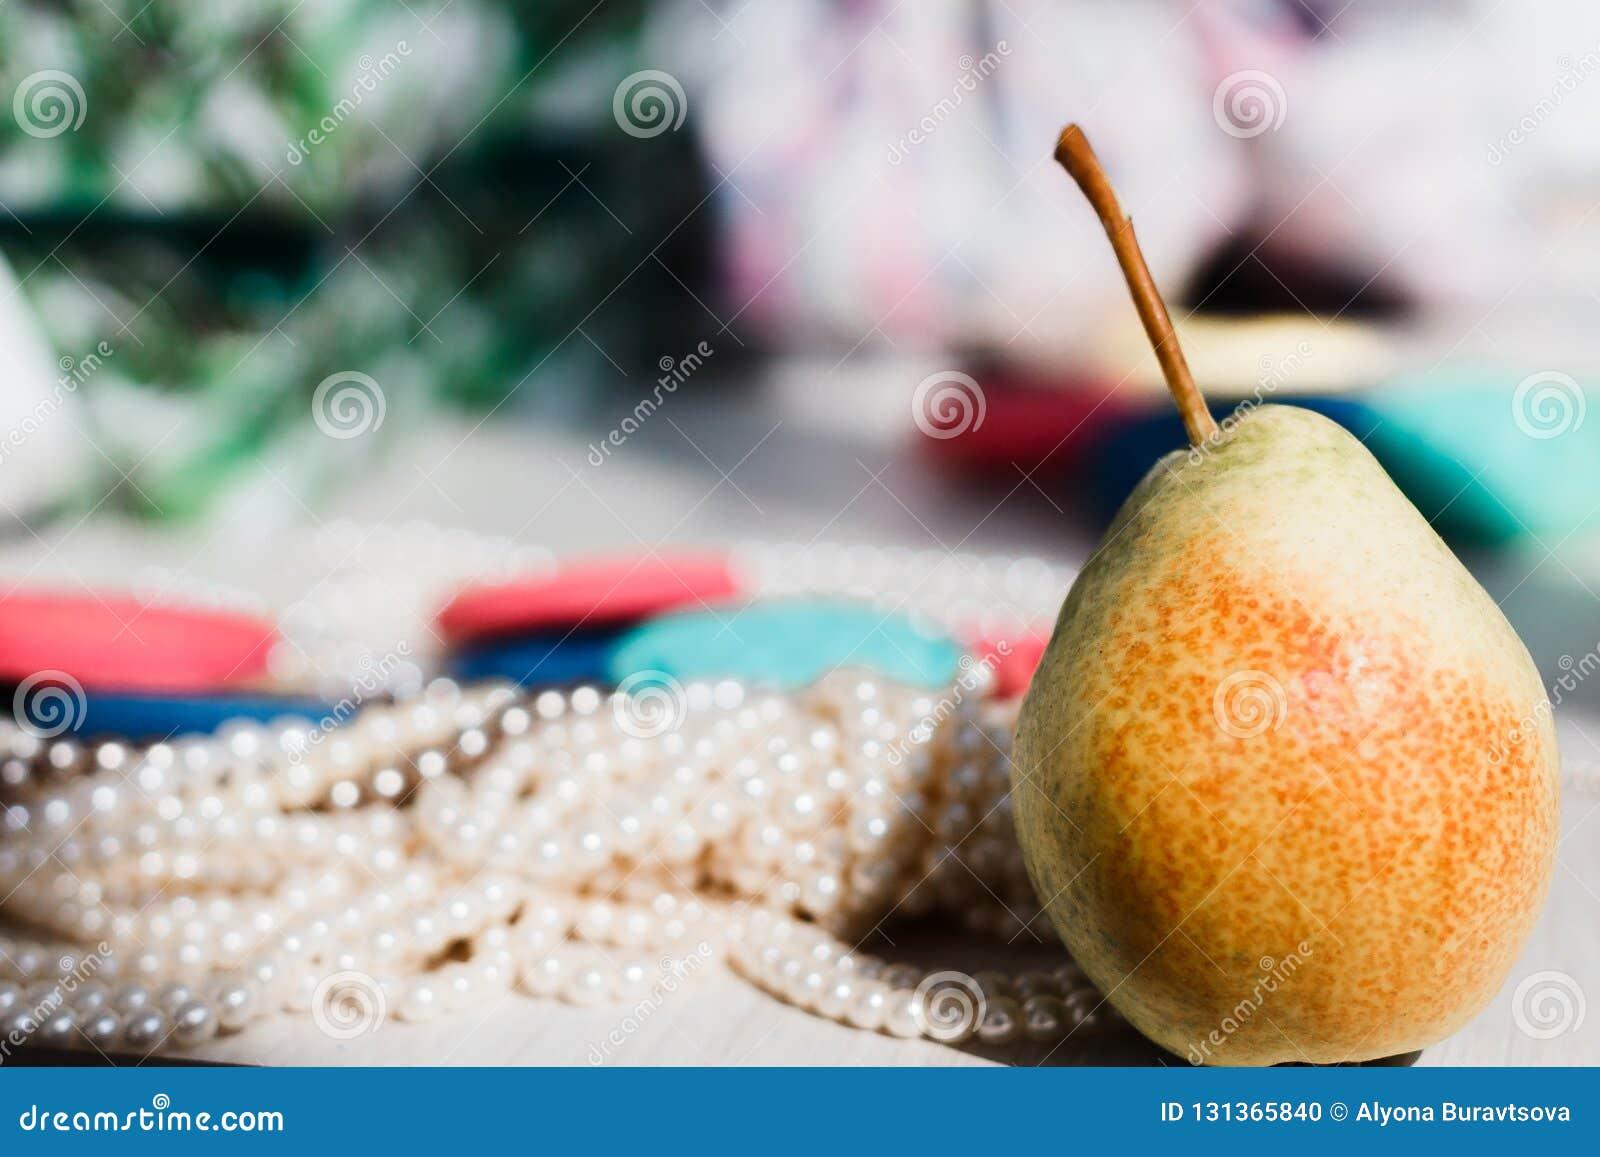 Små päron och trådar av pärlor